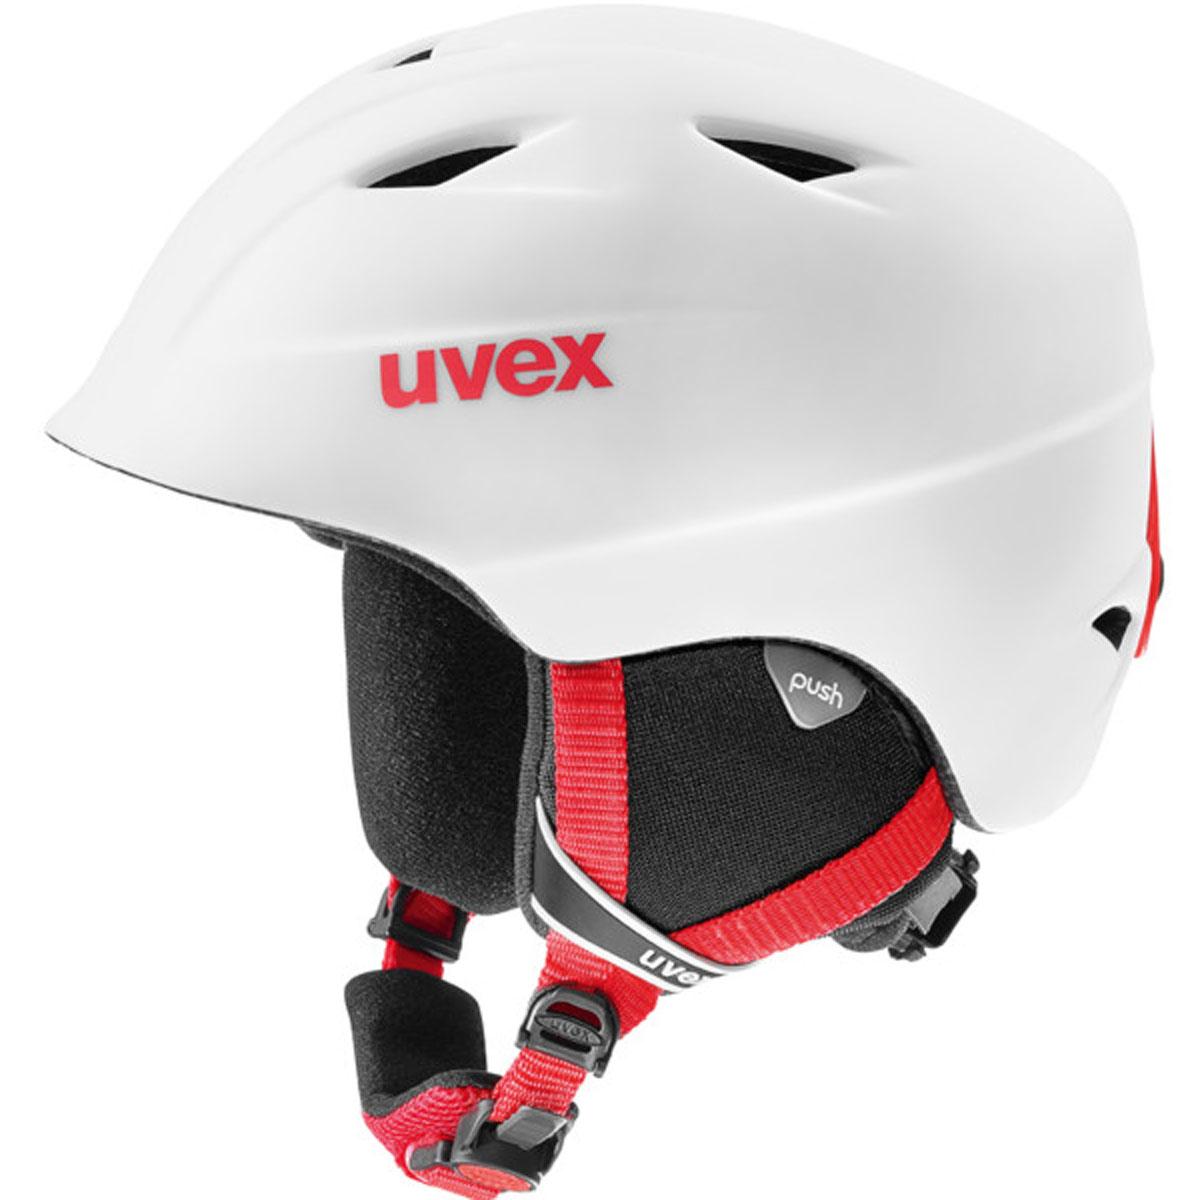 """Шлем горнолыжный детский Uvex """"Airwing 2 Pro Kid's Helmet"""", цвет: белый, красный матовый. Размер XS"""